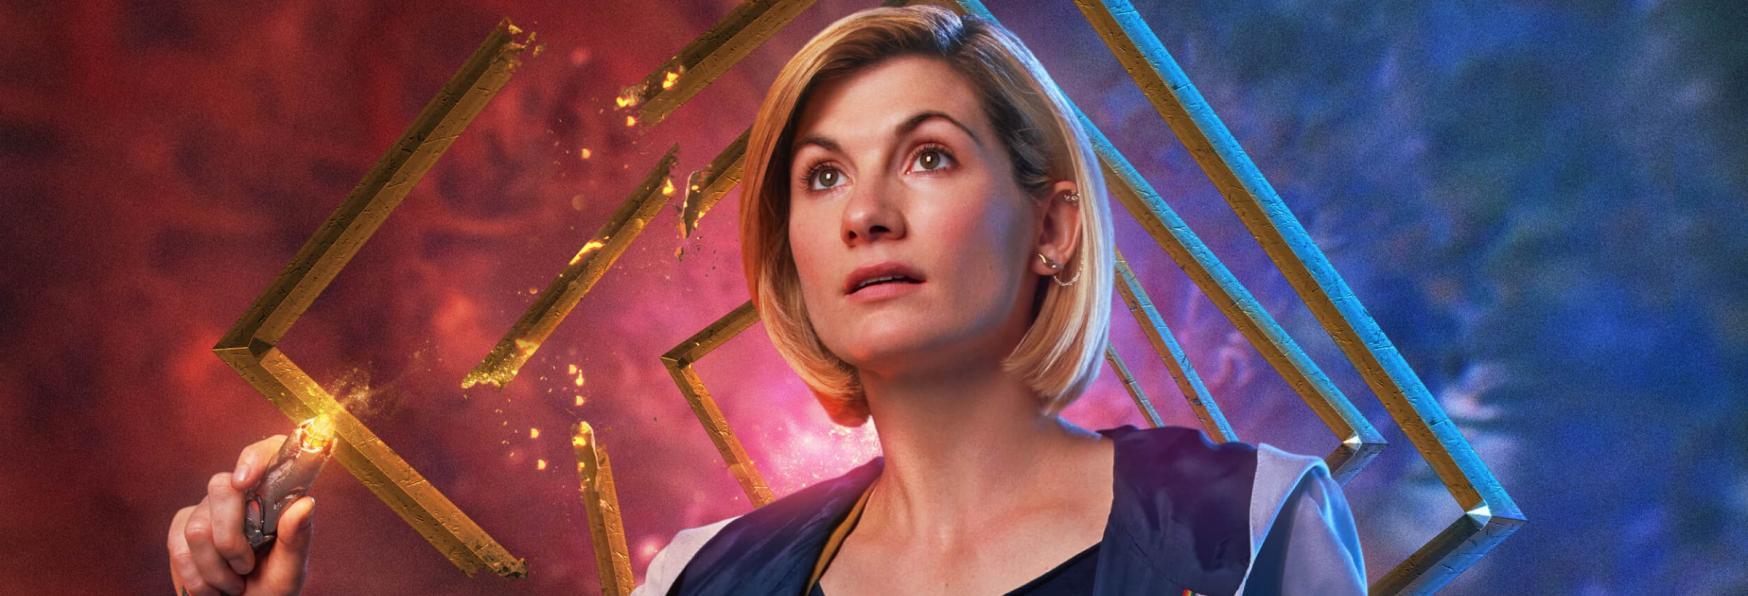 Doctor Who 13: sono iniziate le Riprese, ma la nuova Stagione sarà più Breve del solito